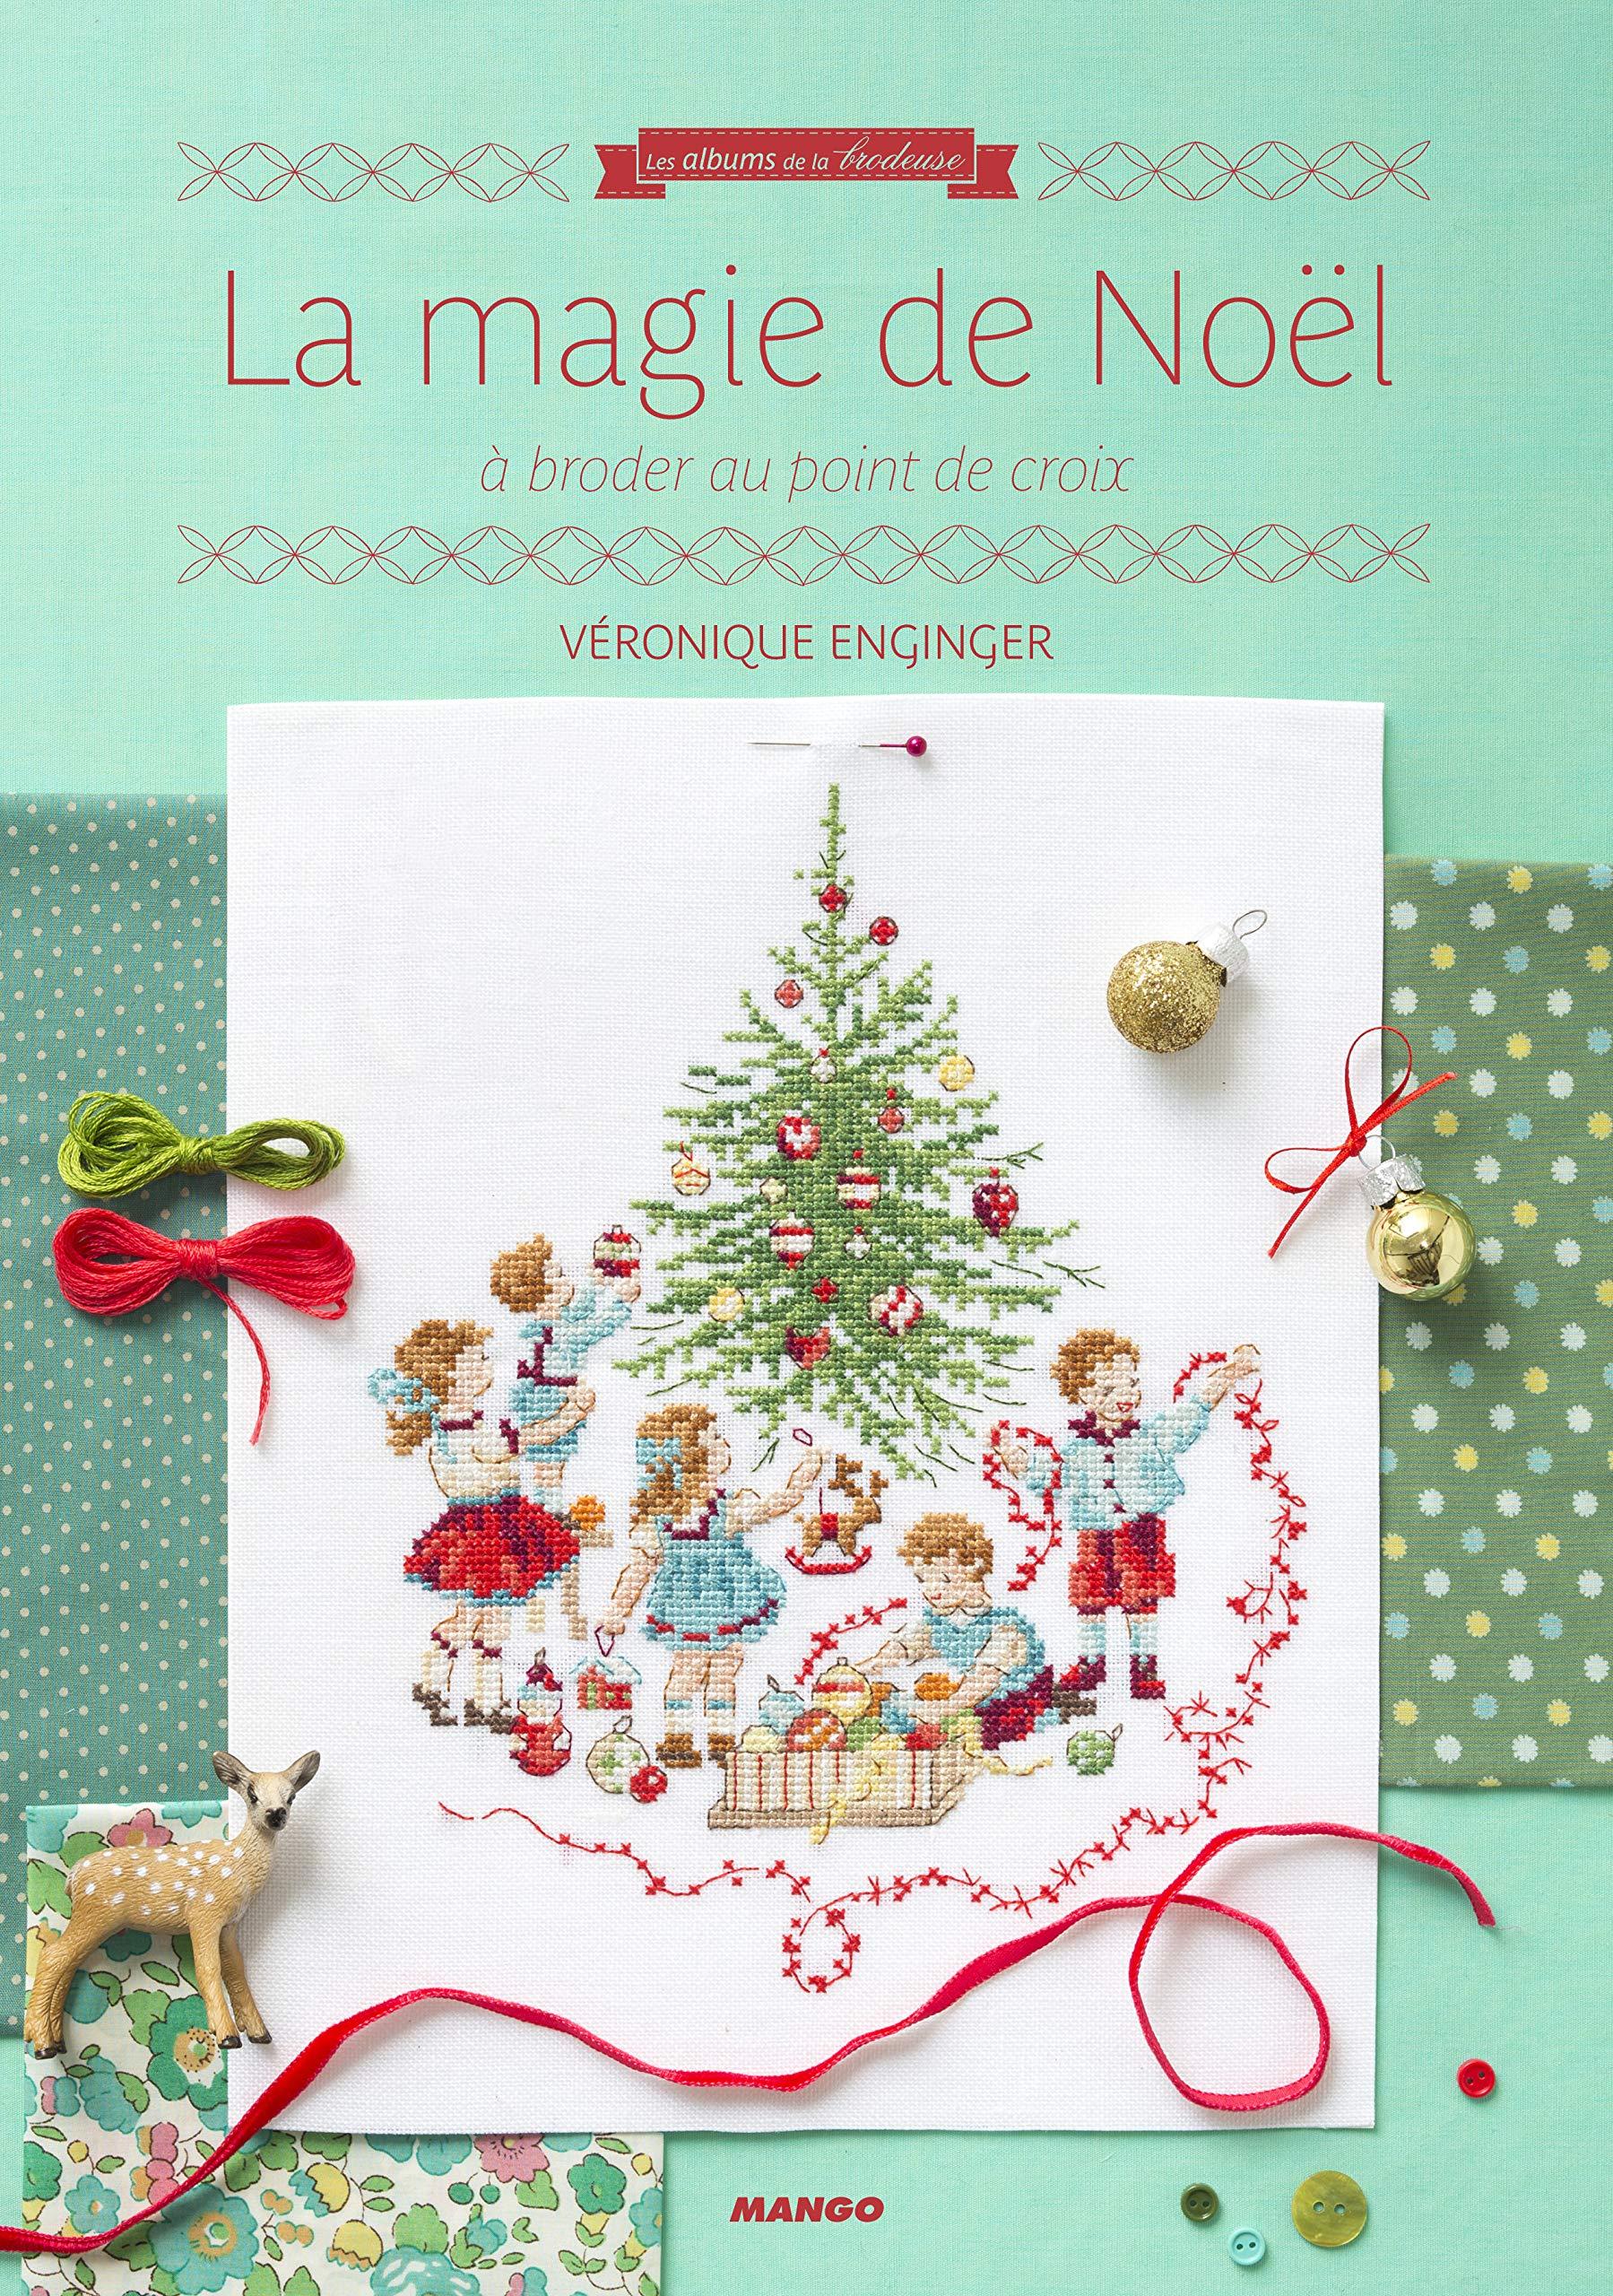 La Magie De Noel La magie de Noel a broder au point de croix [ The Magic of